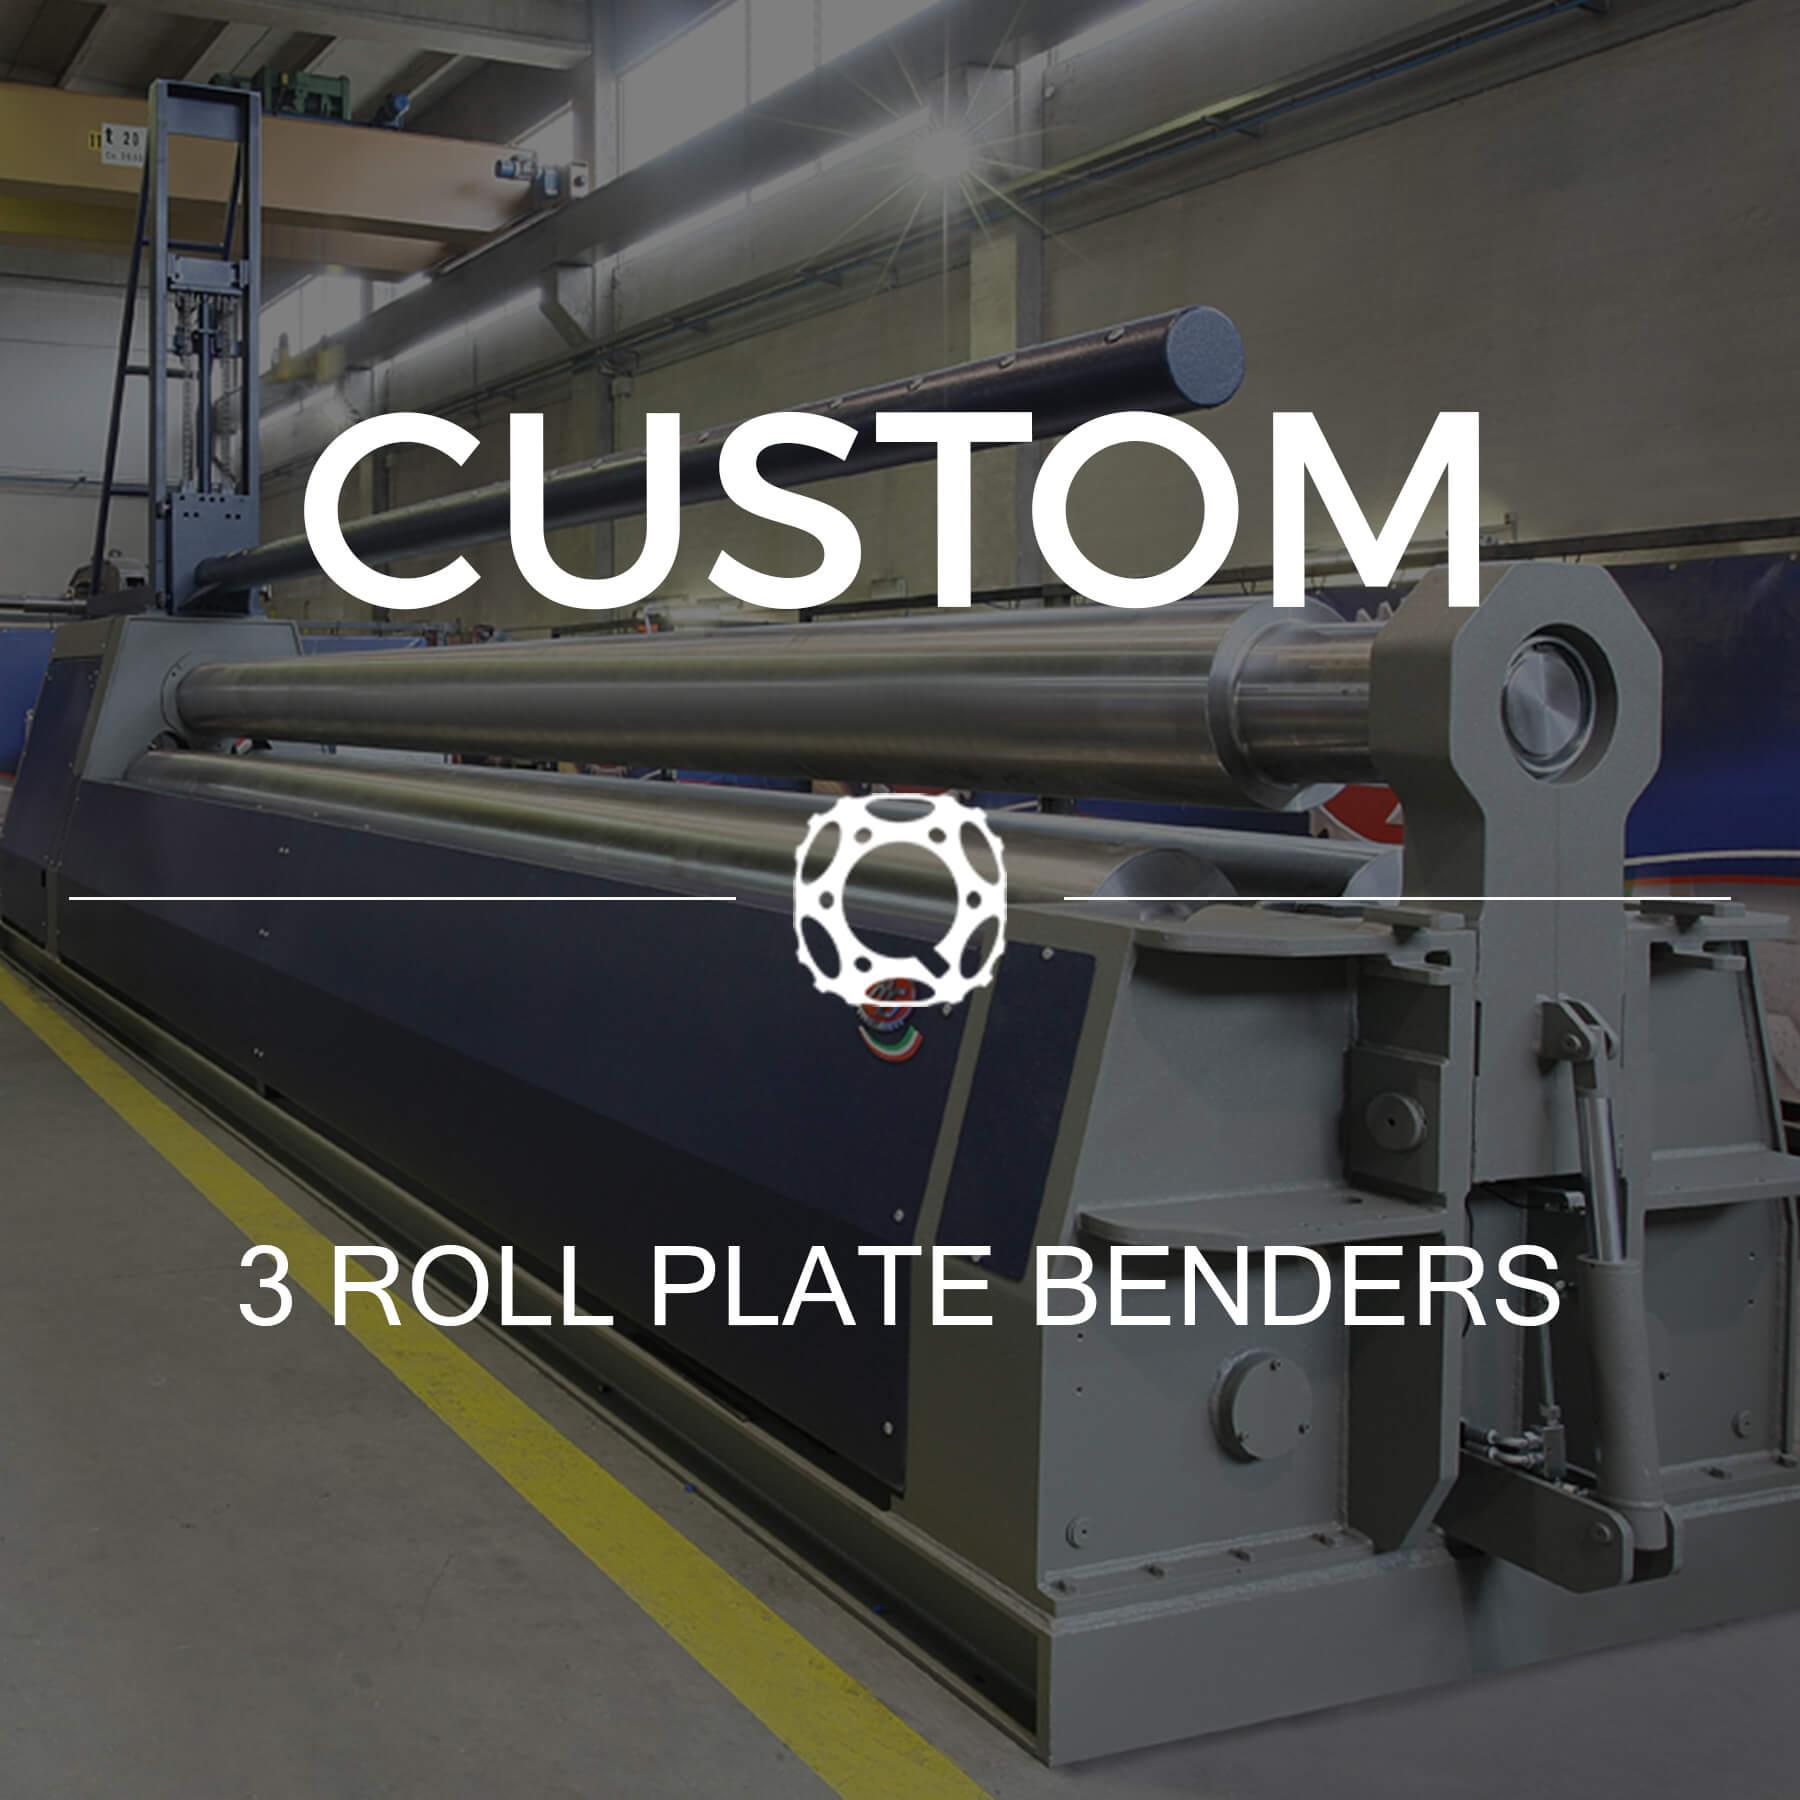 CUSTOM - 3 Roll Plate Benders (1).jpg